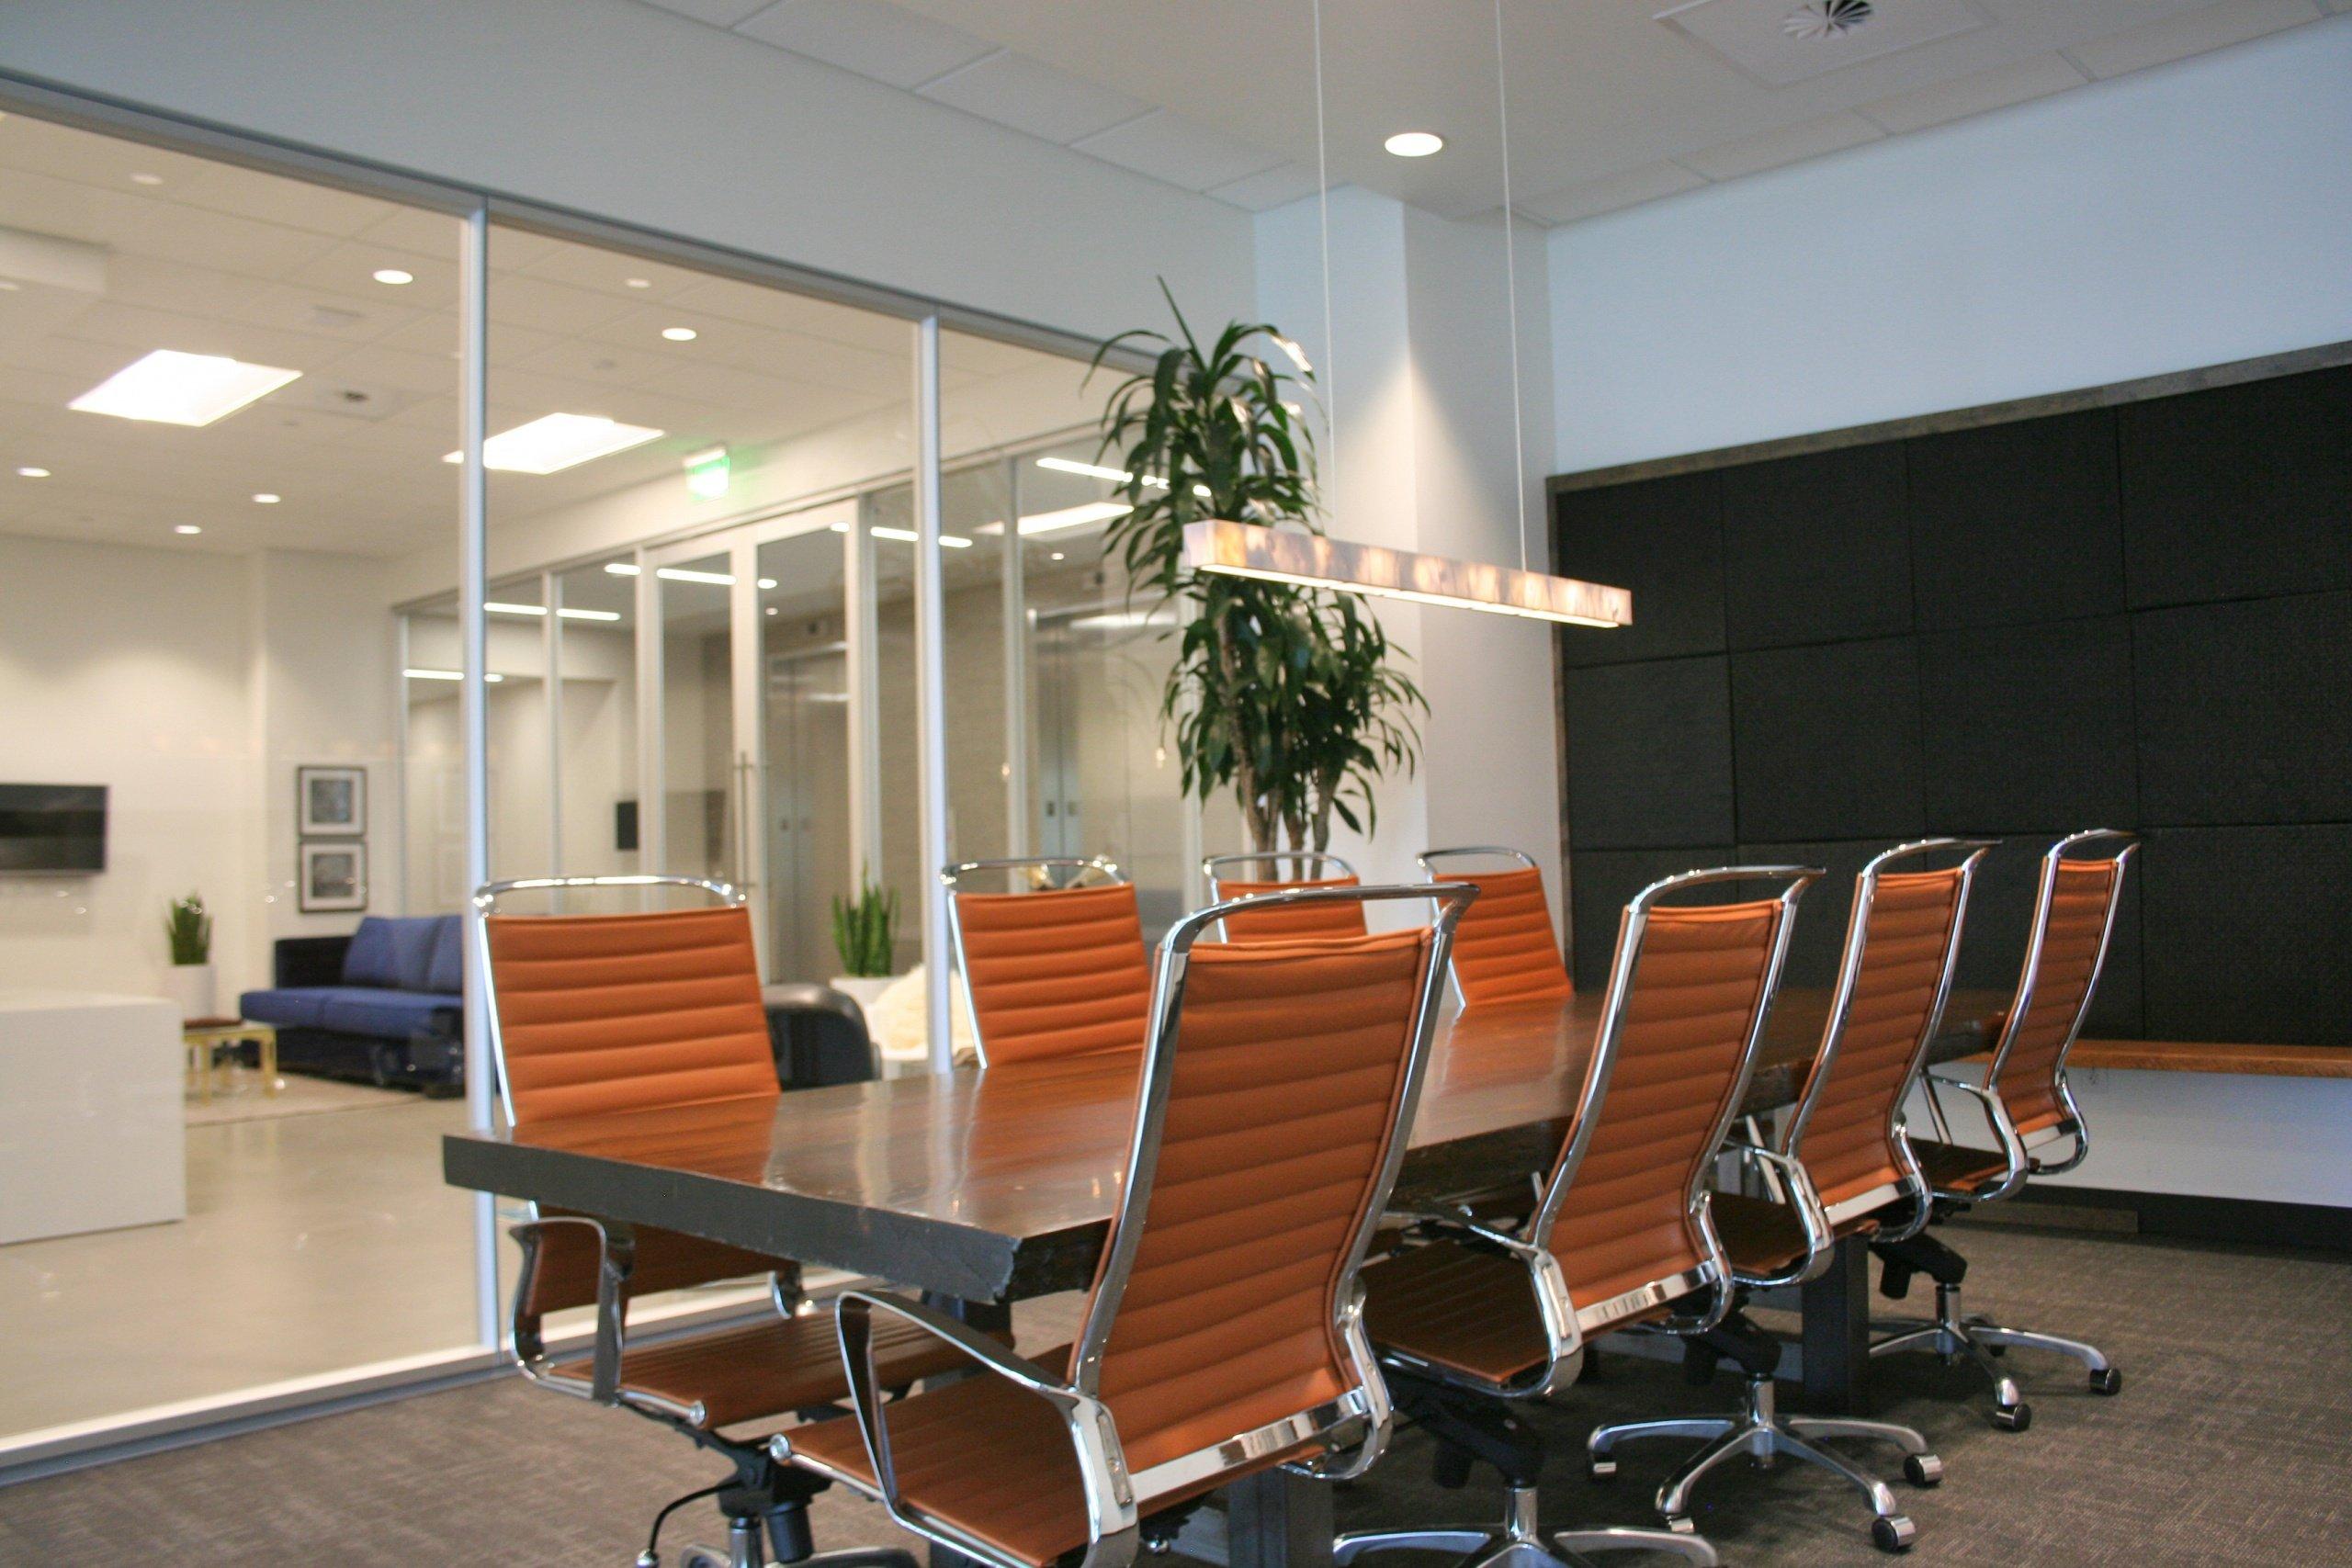 Veritas Conference Room